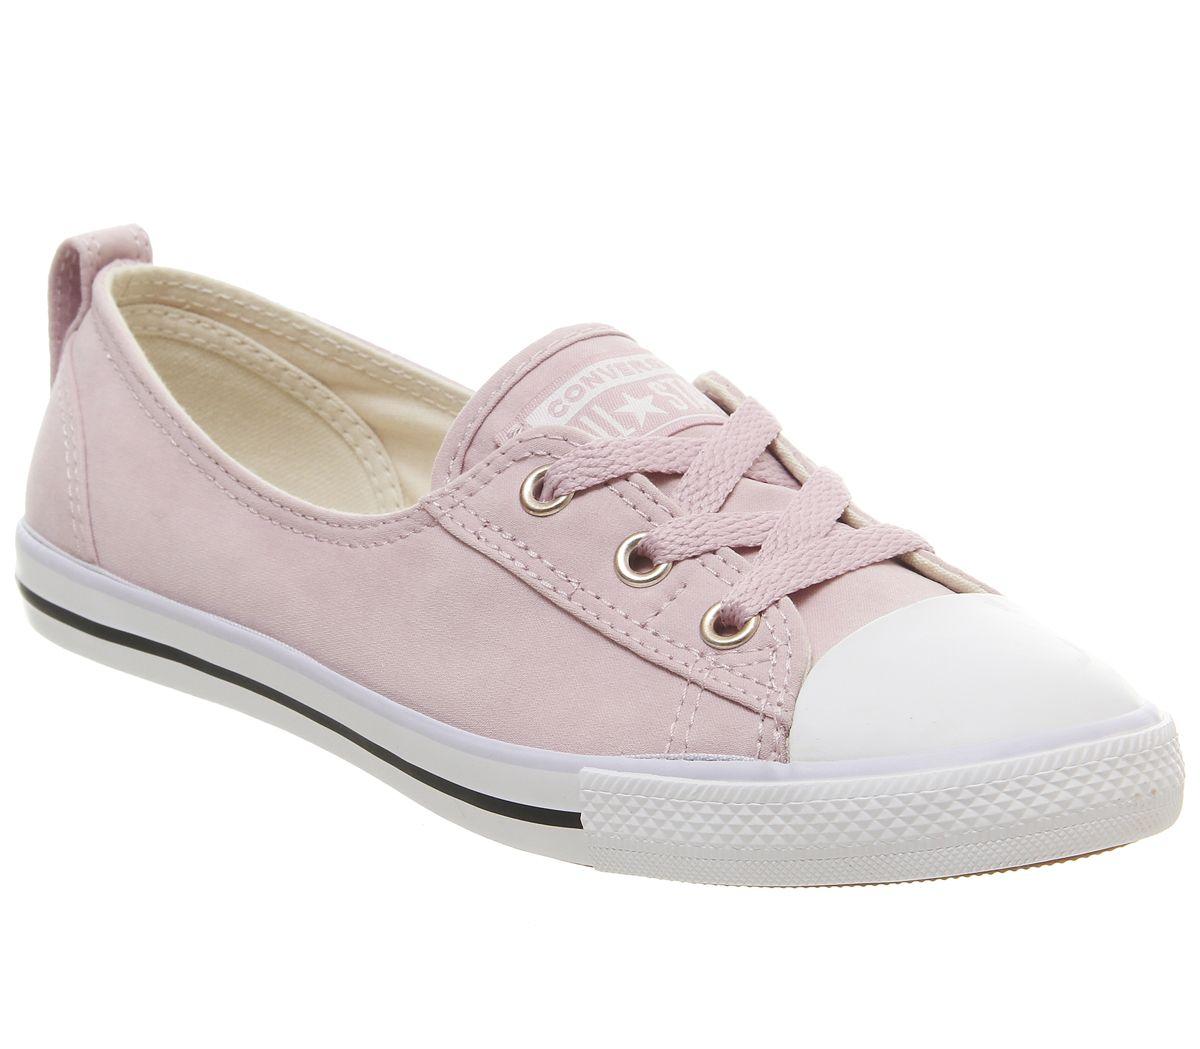 6e437198b8d0 Converse Ctas Ballet Lace Trainers Plum Chalk Oxygen Purple ...